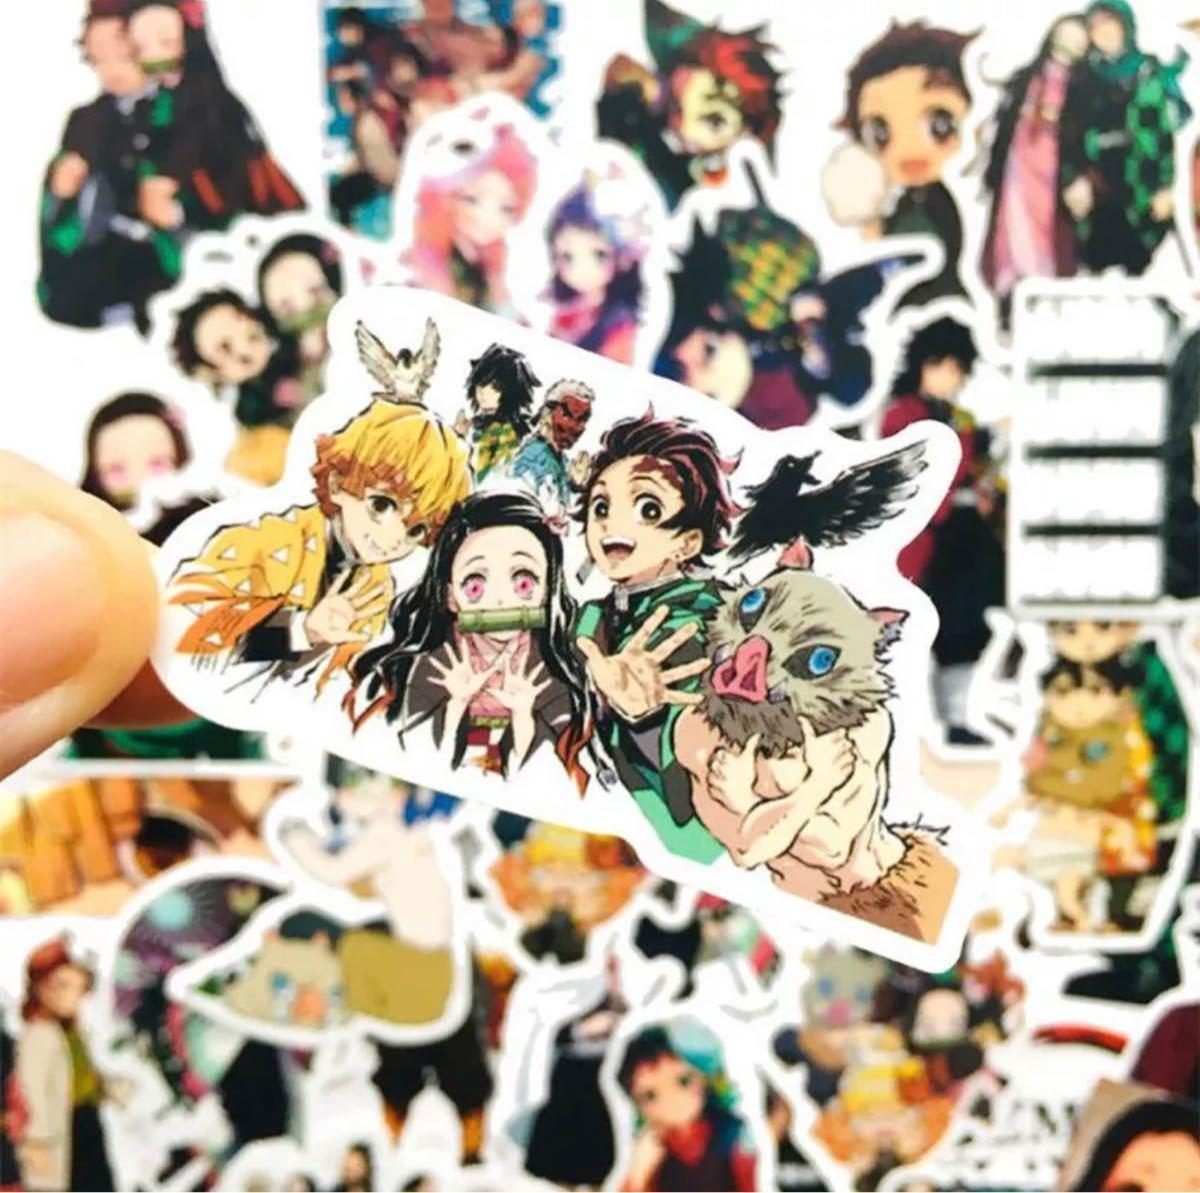 【鬼滅の刃】ステッカー シール 50枚セット 防水  Sticker